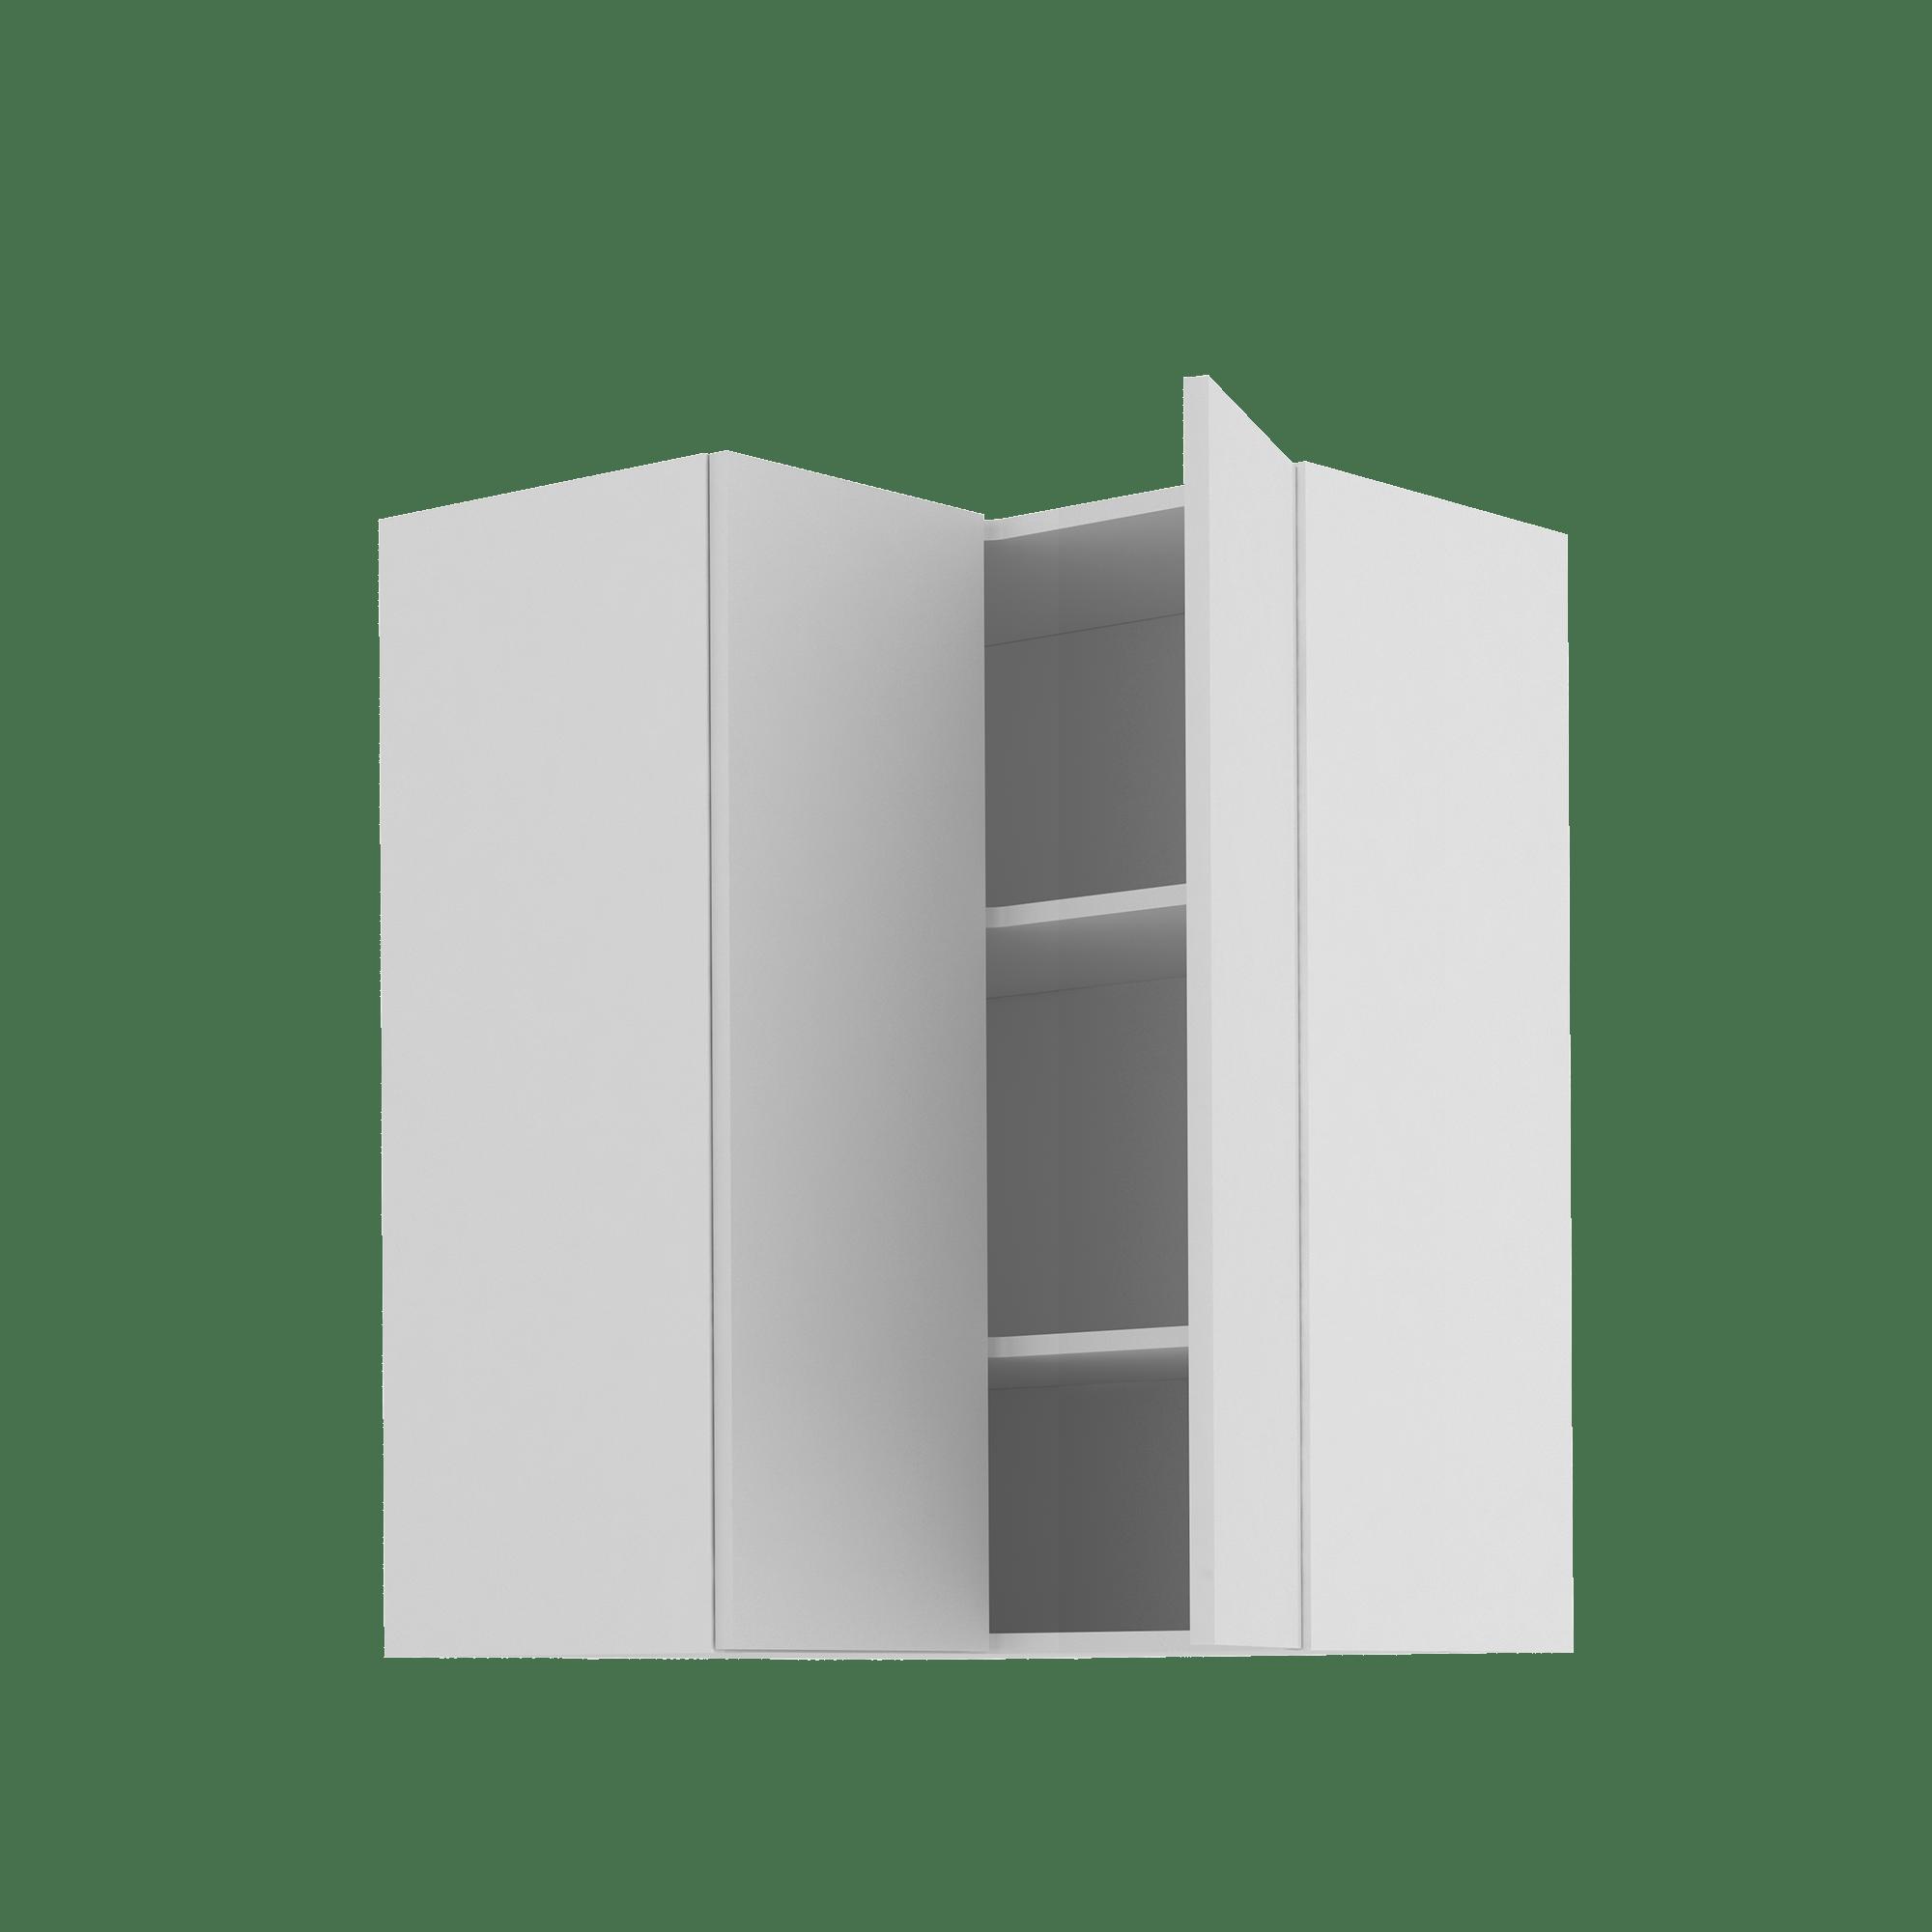 meuble haut d angle de cuisine sofia blanc 2 portes h103xl67